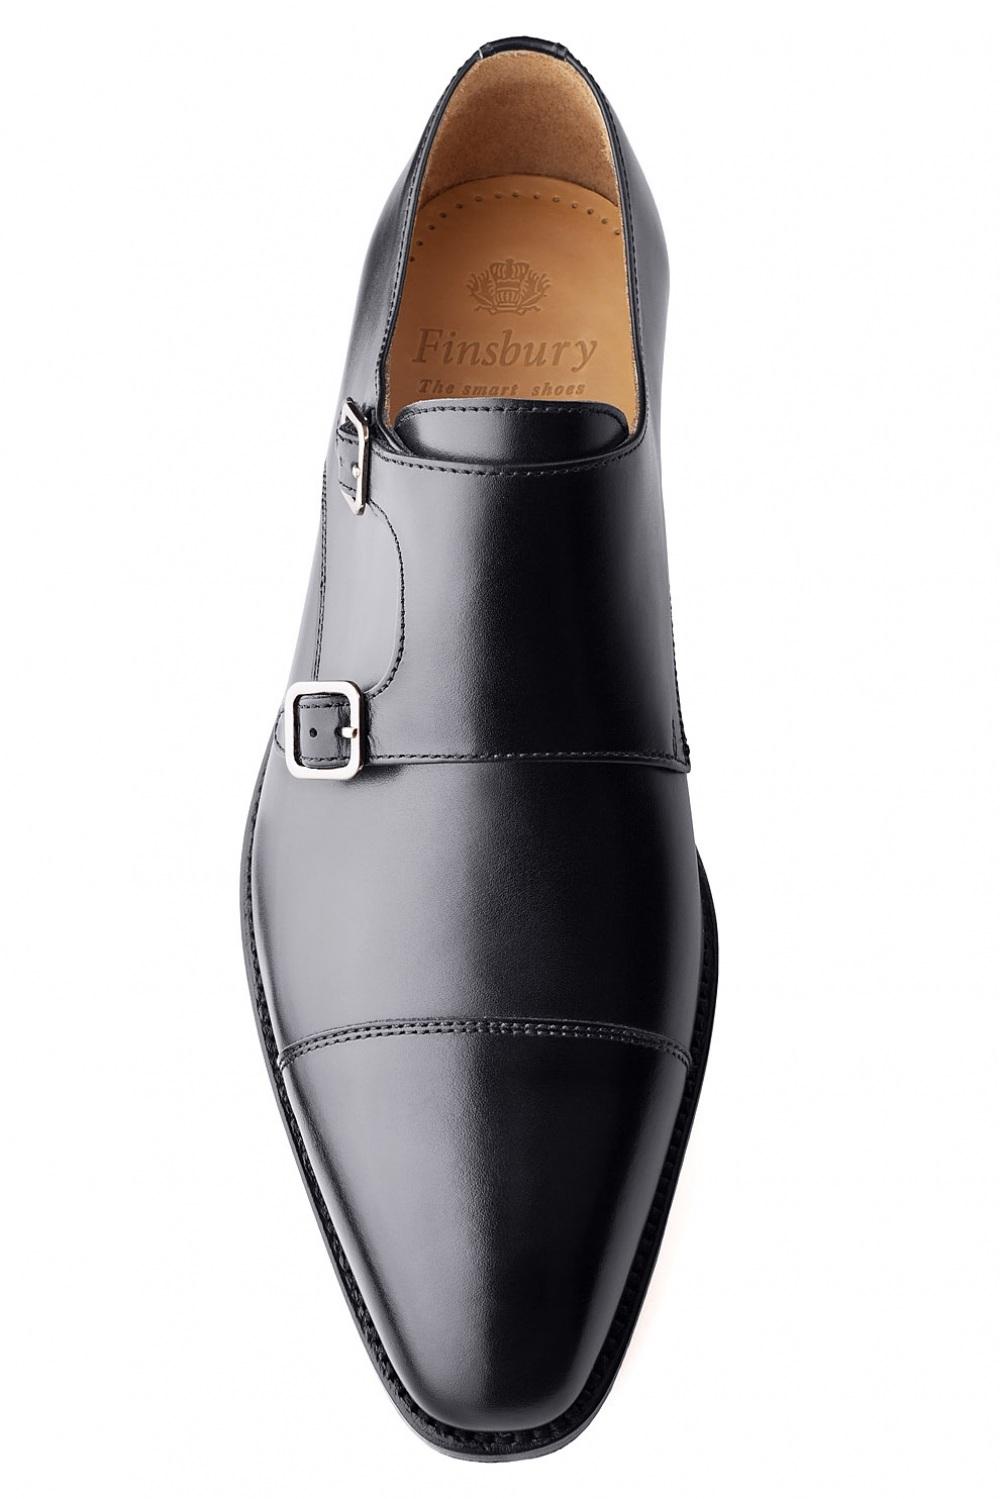 chaussures boucle cambridge noir pour homme finsbury shoes. Black Bedroom Furniture Sets. Home Design Ideas